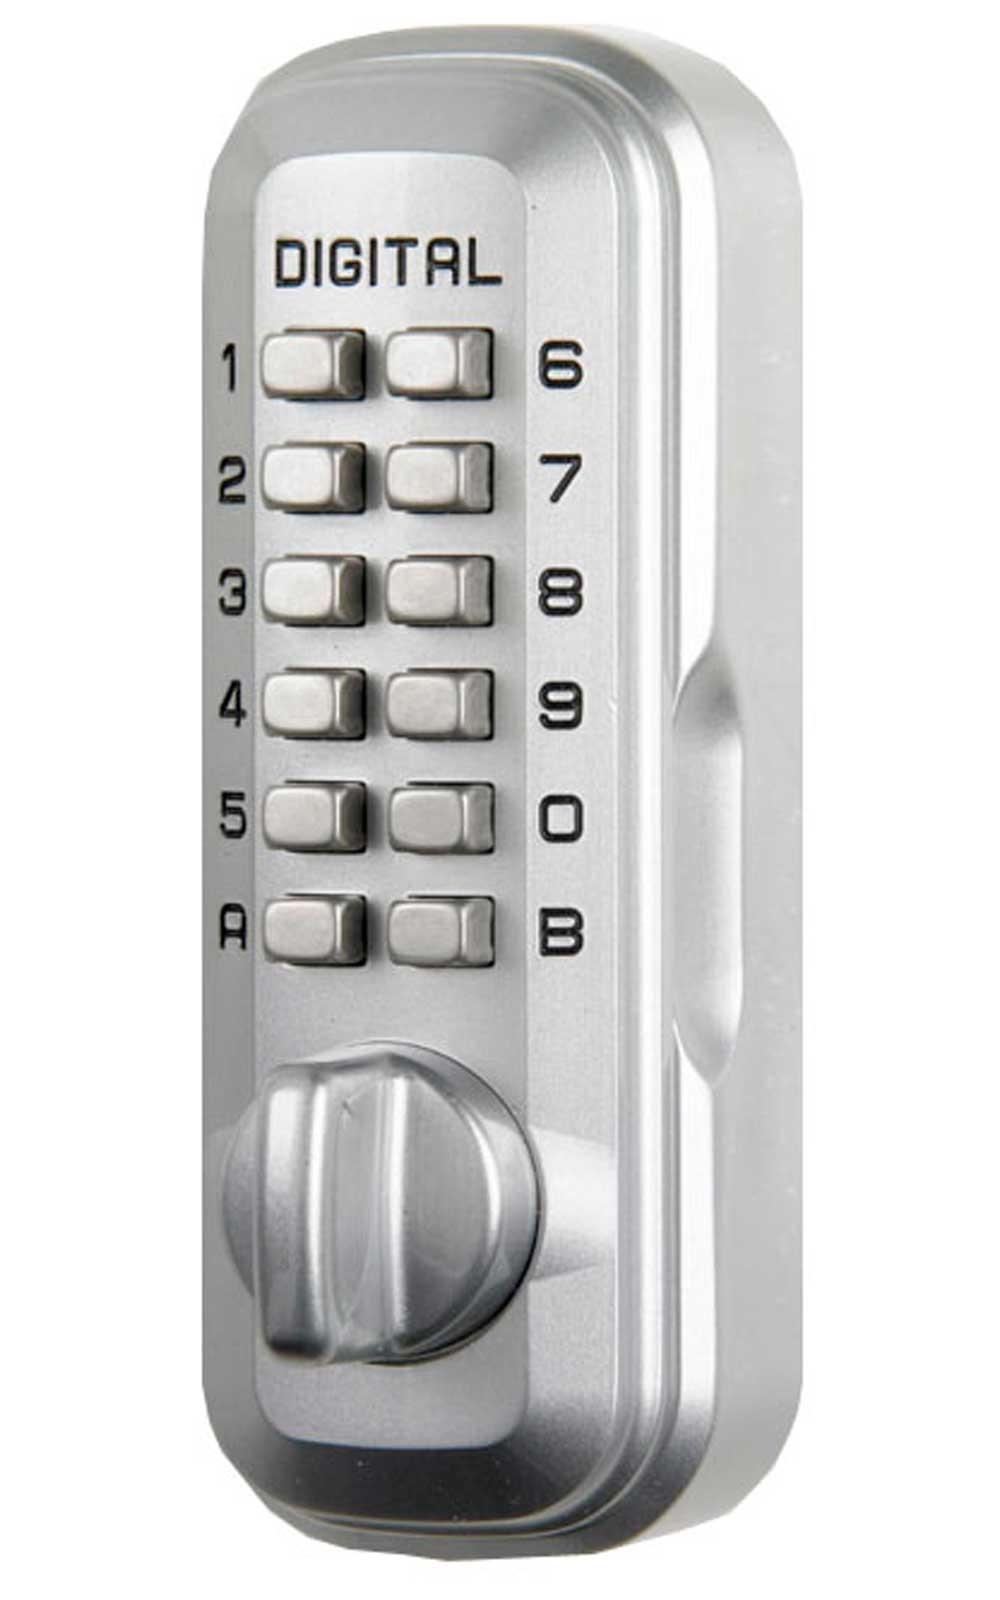 Big Digital Key Safe Chrome 3-5 keys - Lockey LKS500/SC